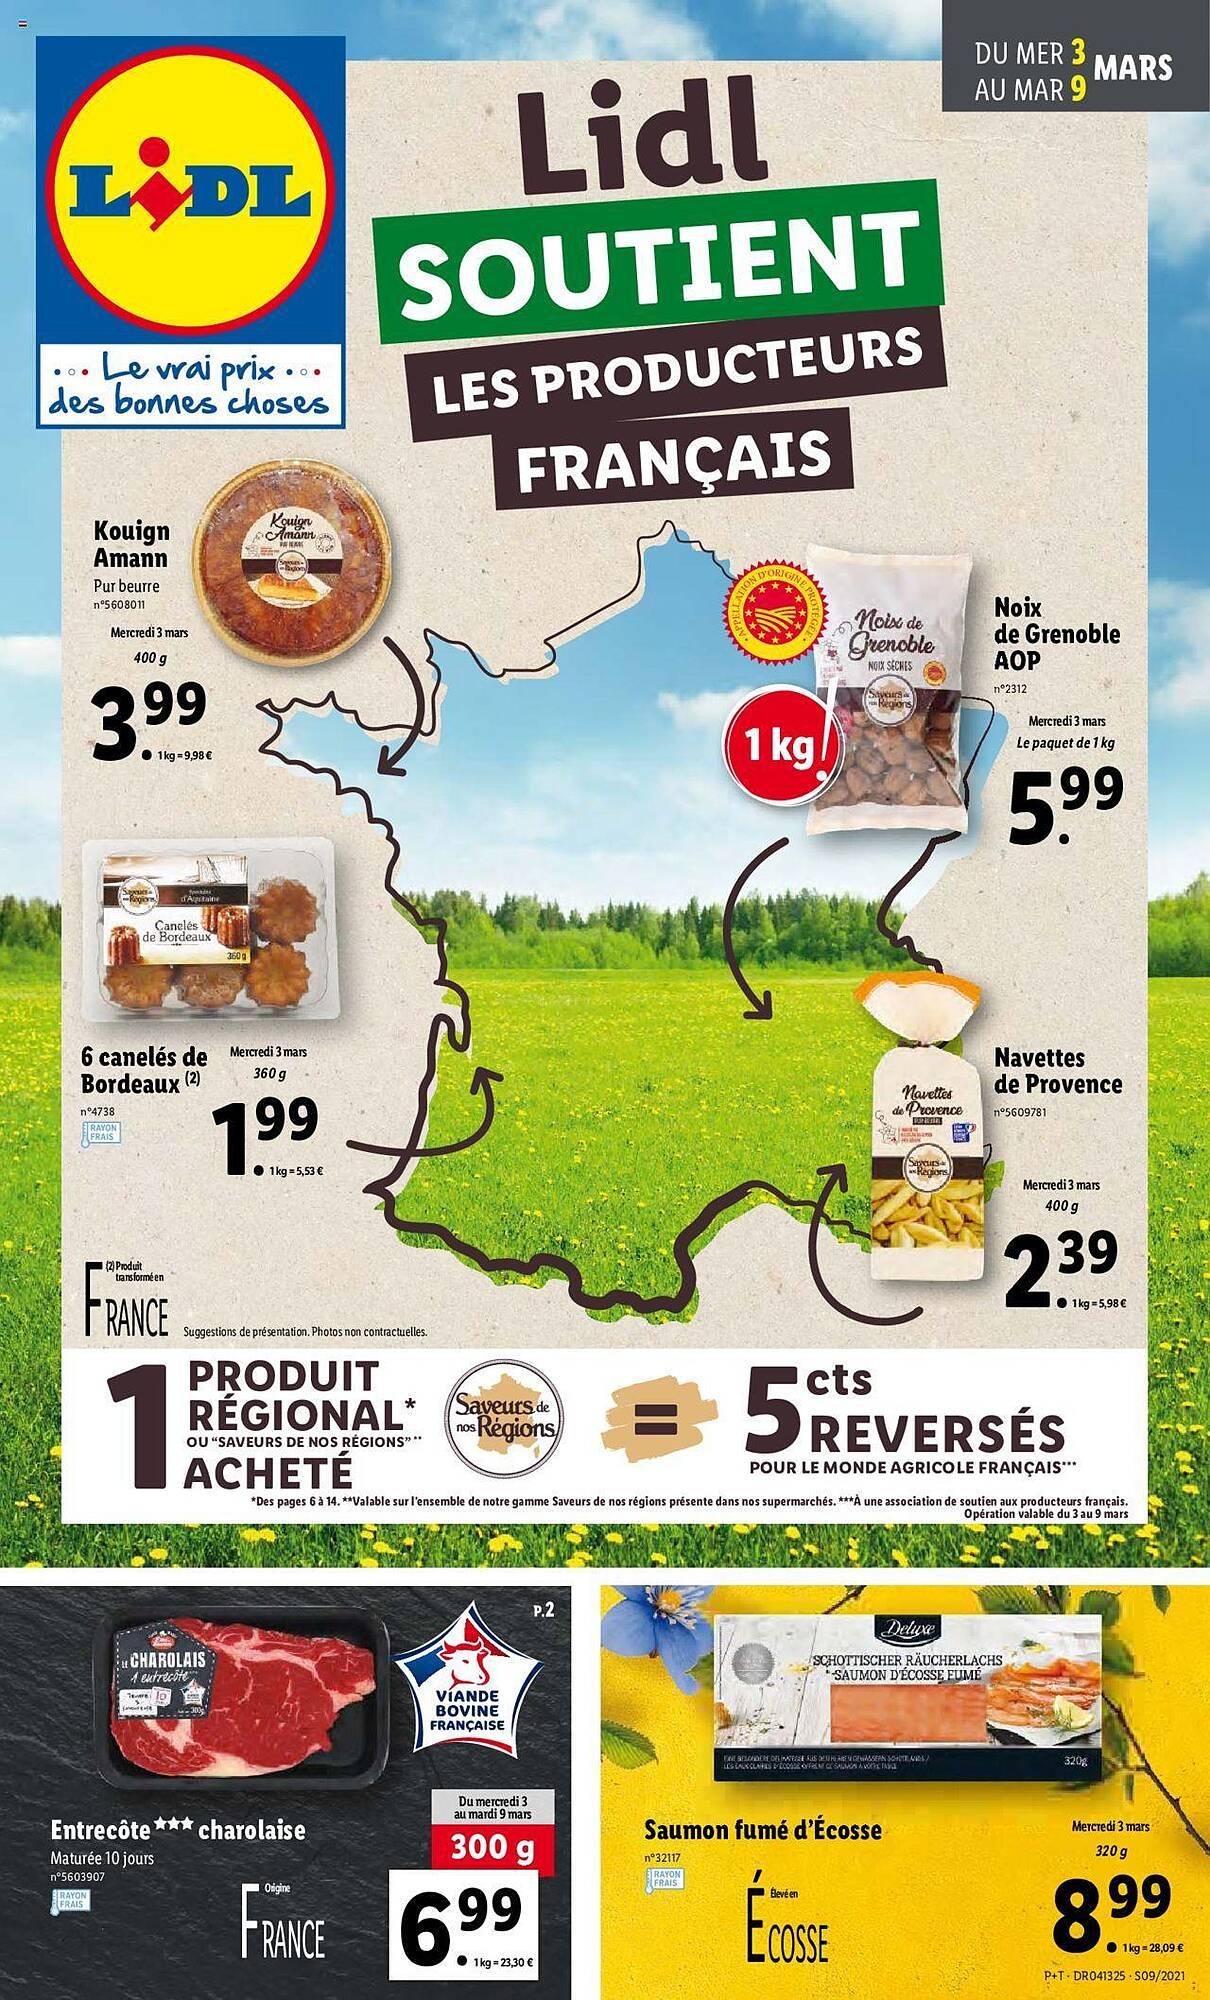 Lidl soutient les producteurs français